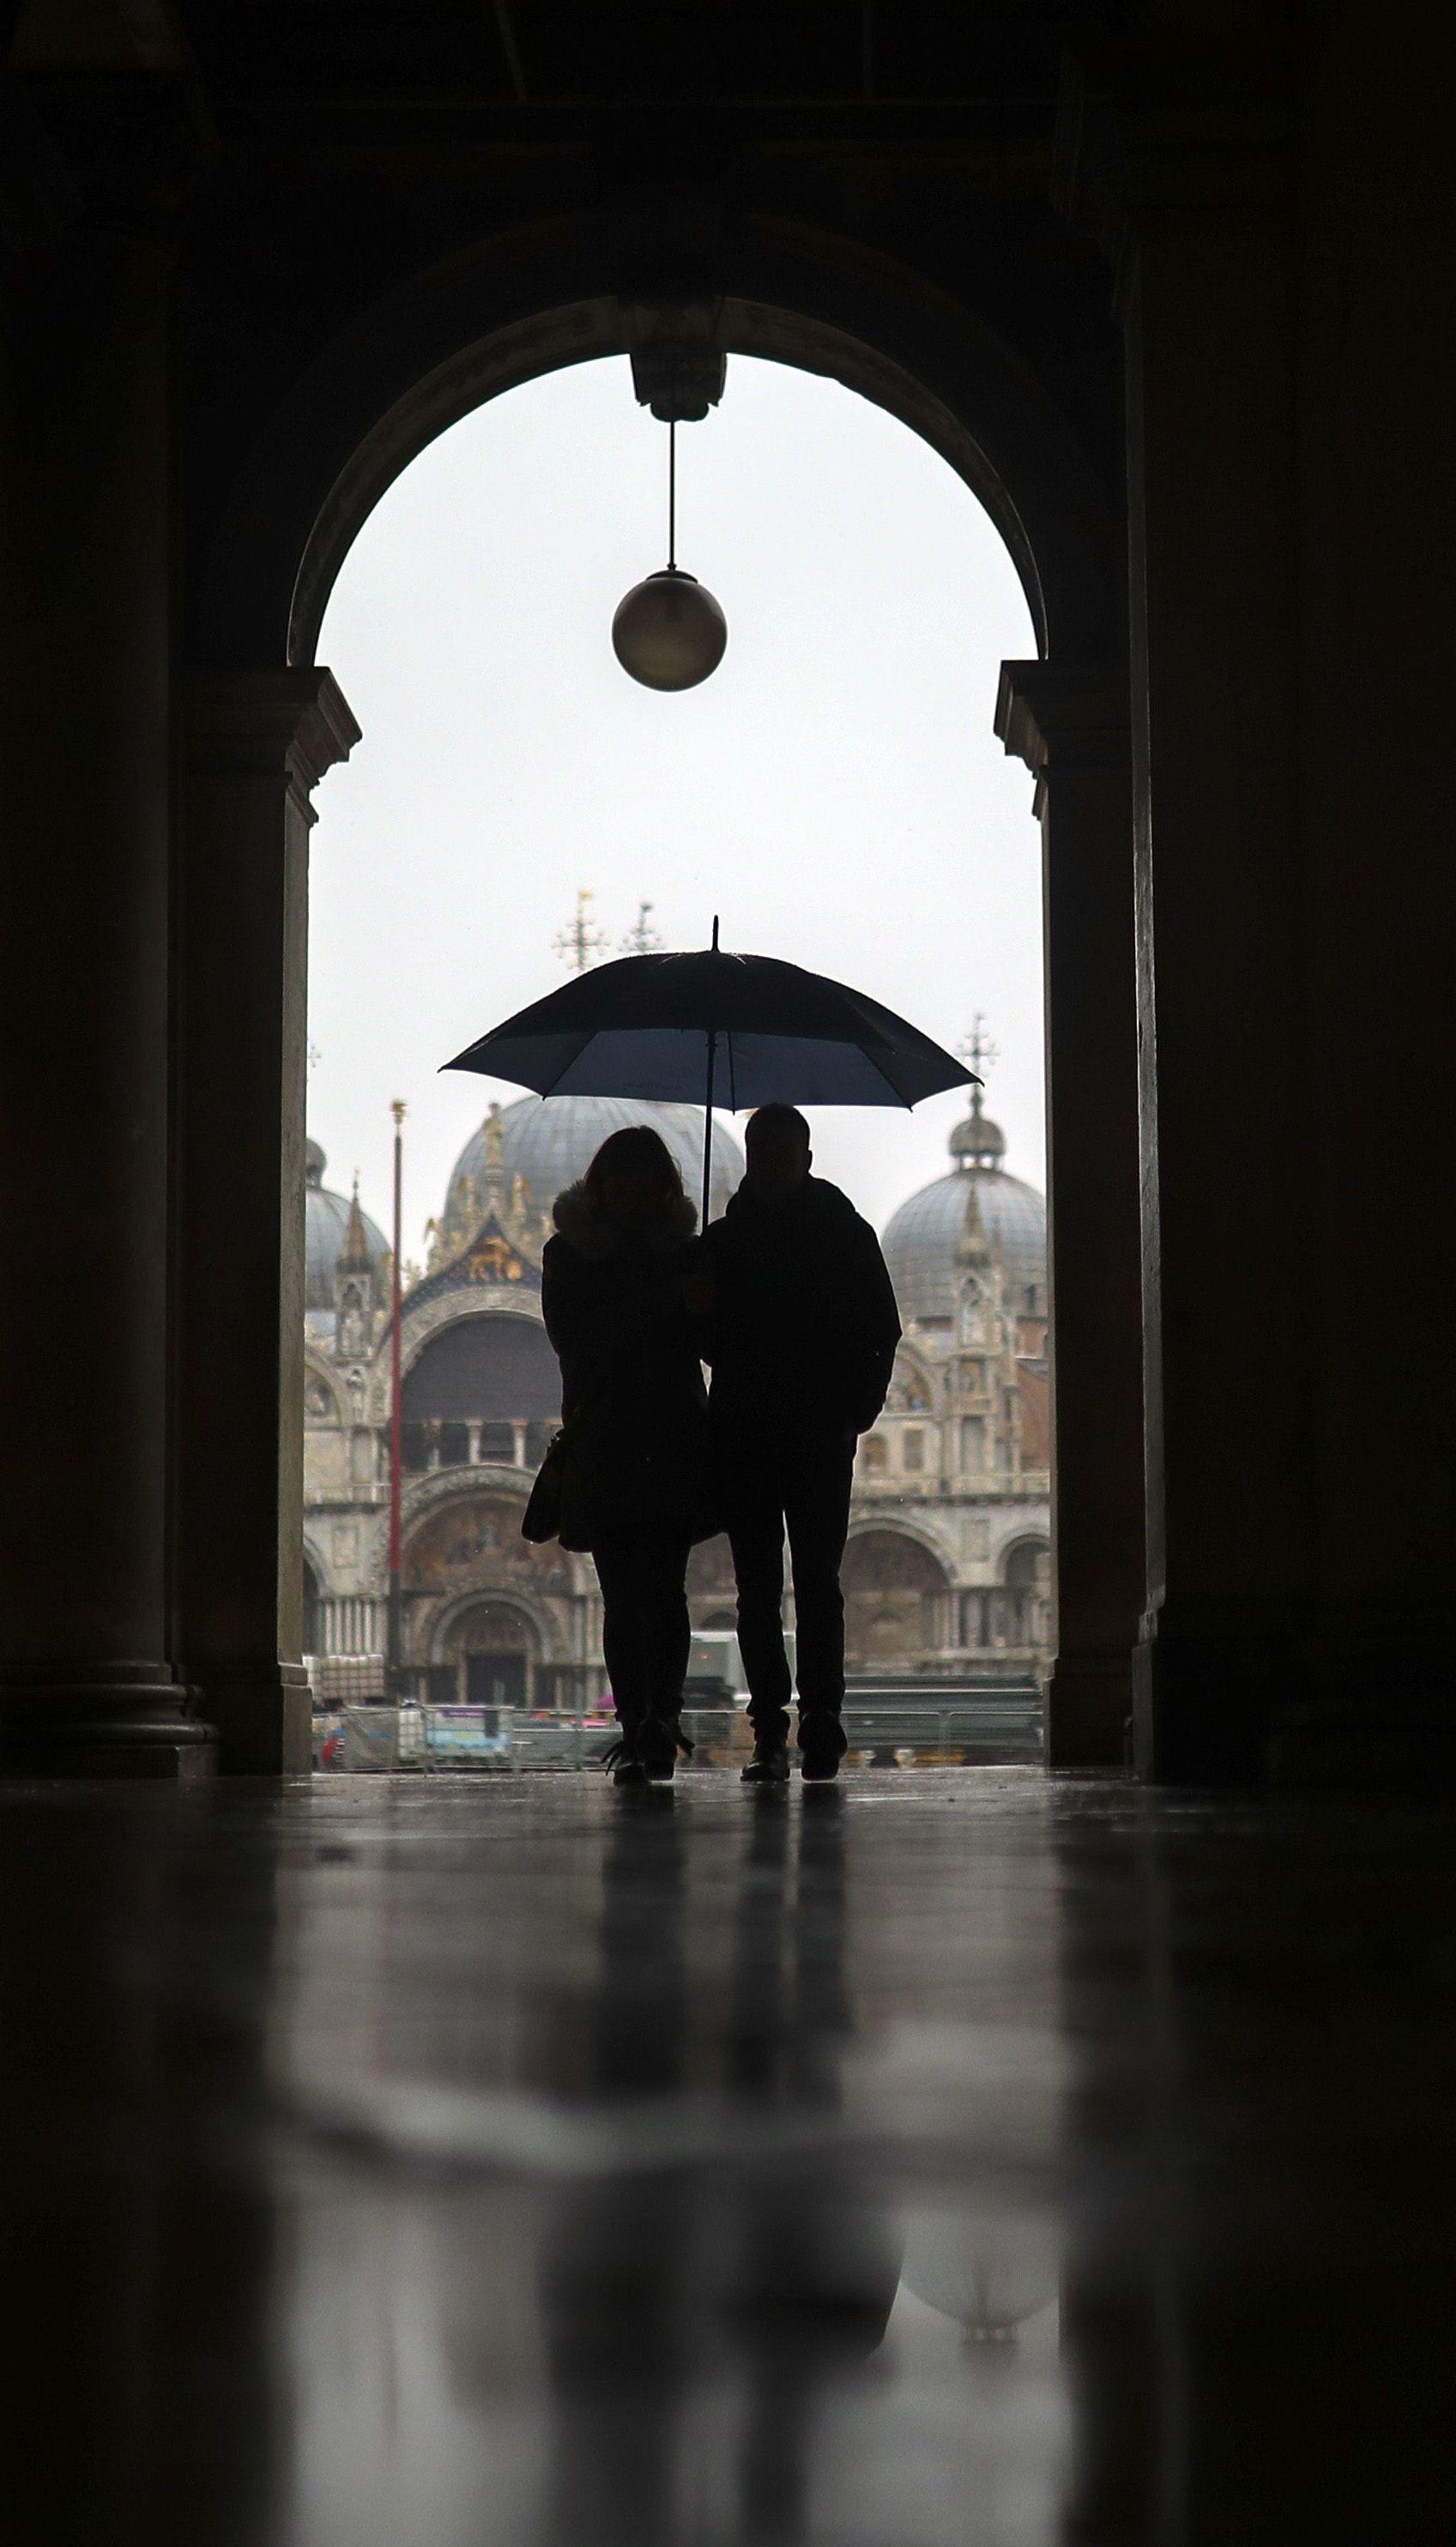 В Италии появились COVID-паспорта: без них нельзя работать